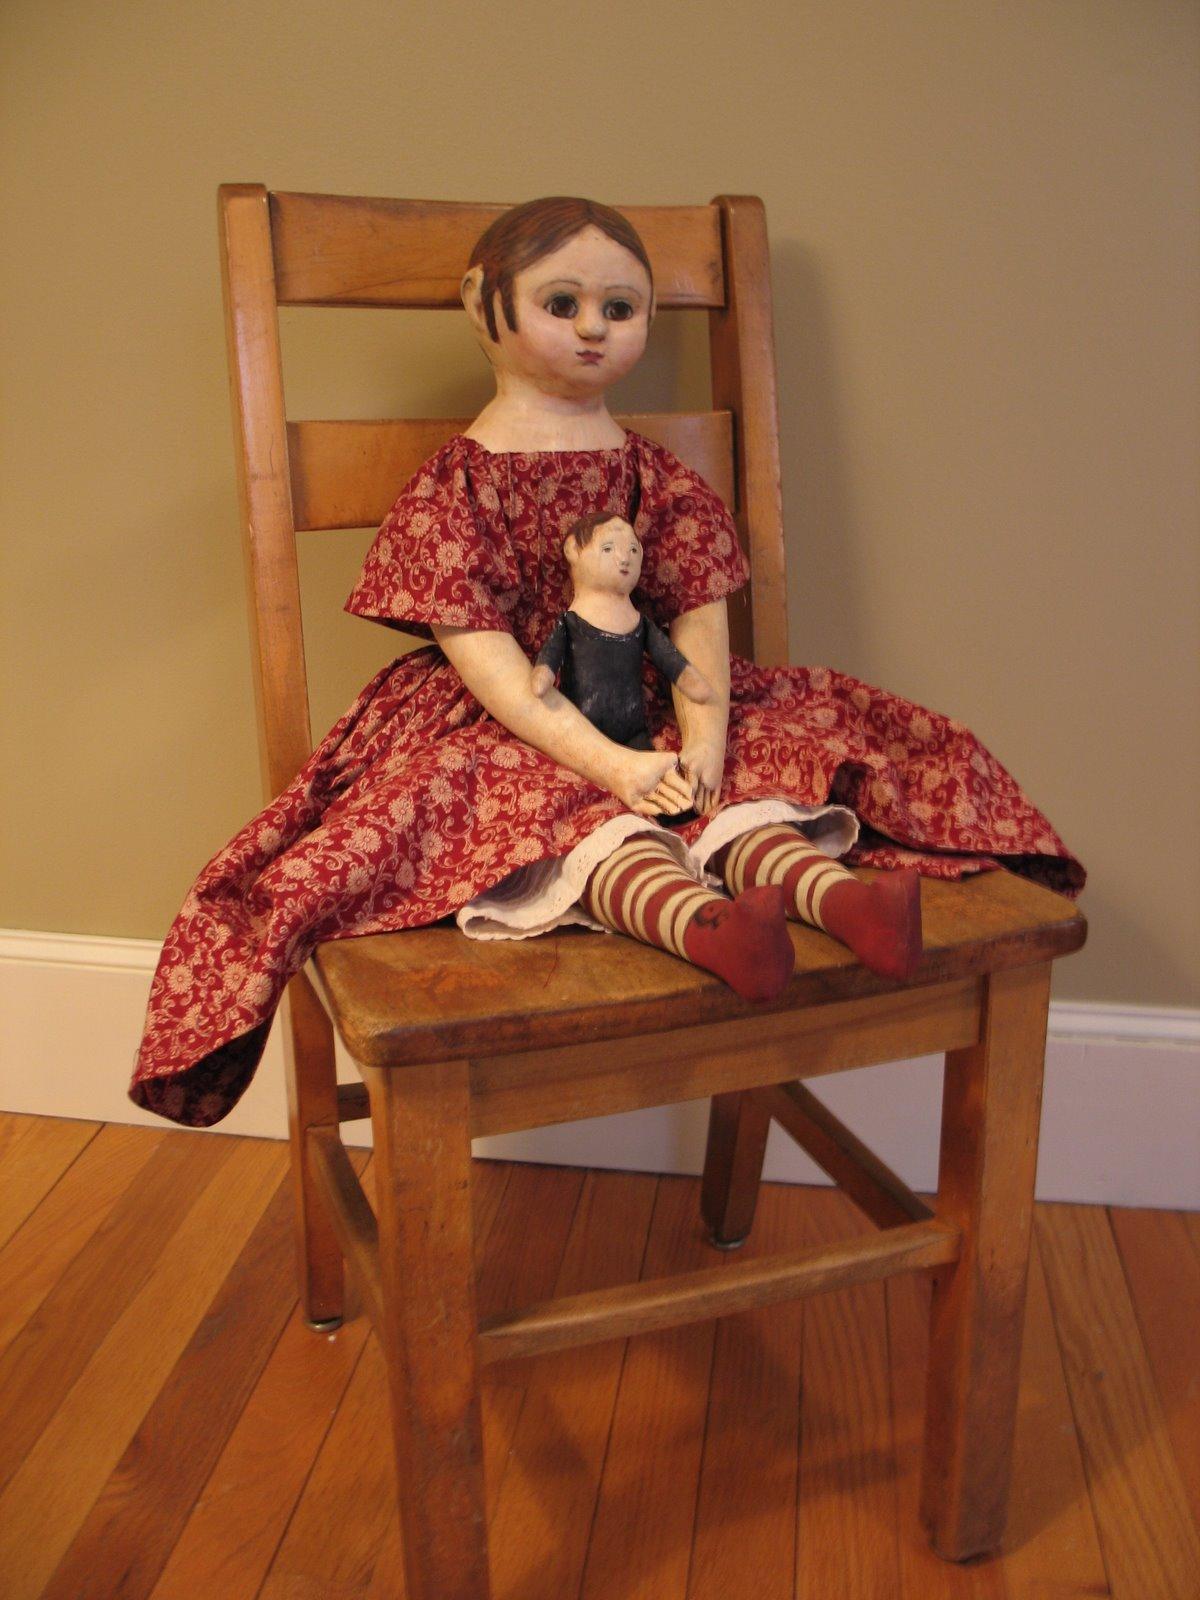 [Liddiana+in+chair.jpg]